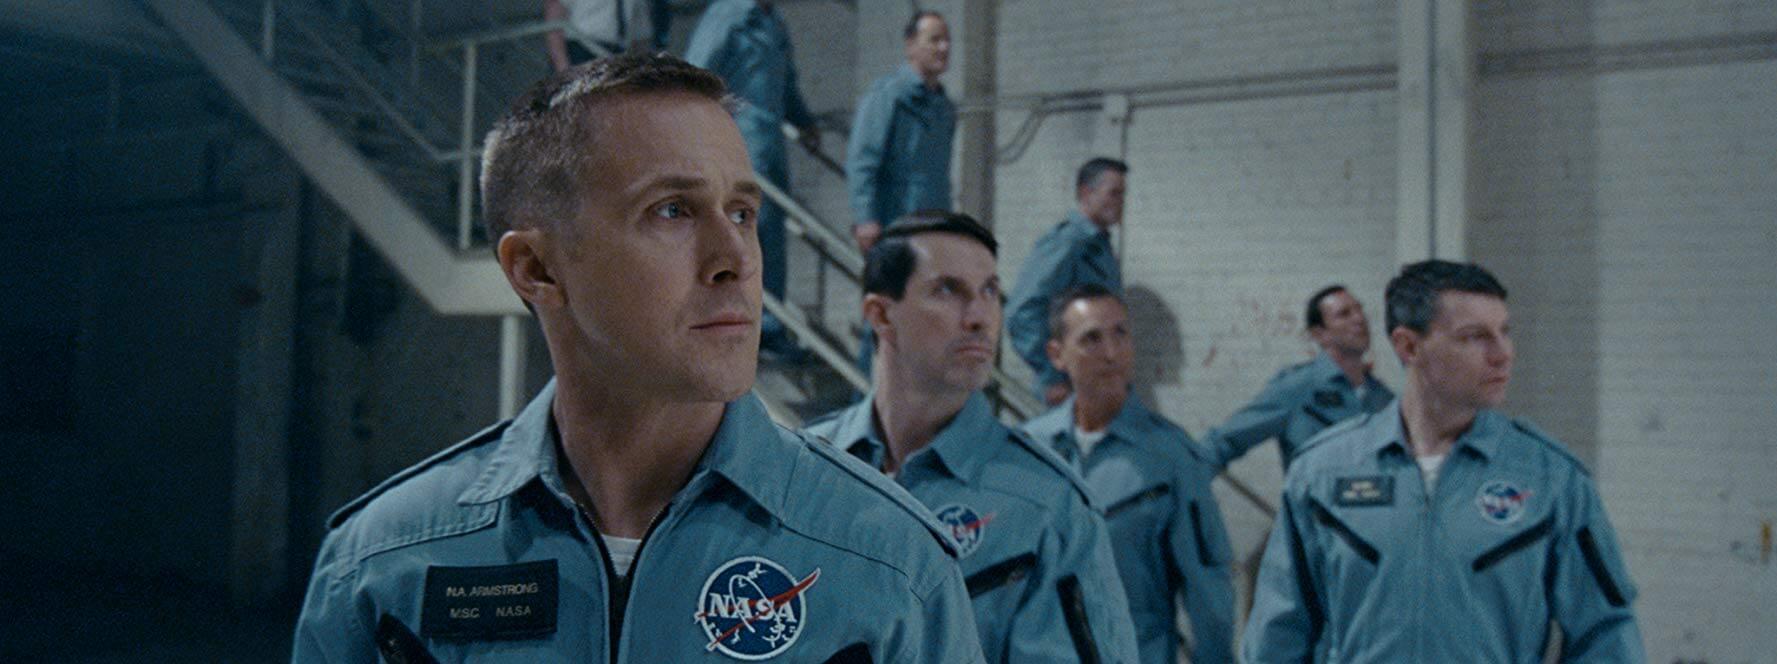 雷恩葛斯林 於《 登月先鋒 》飾演家喻戶曉的太空人 : 阿姆斯壯 。